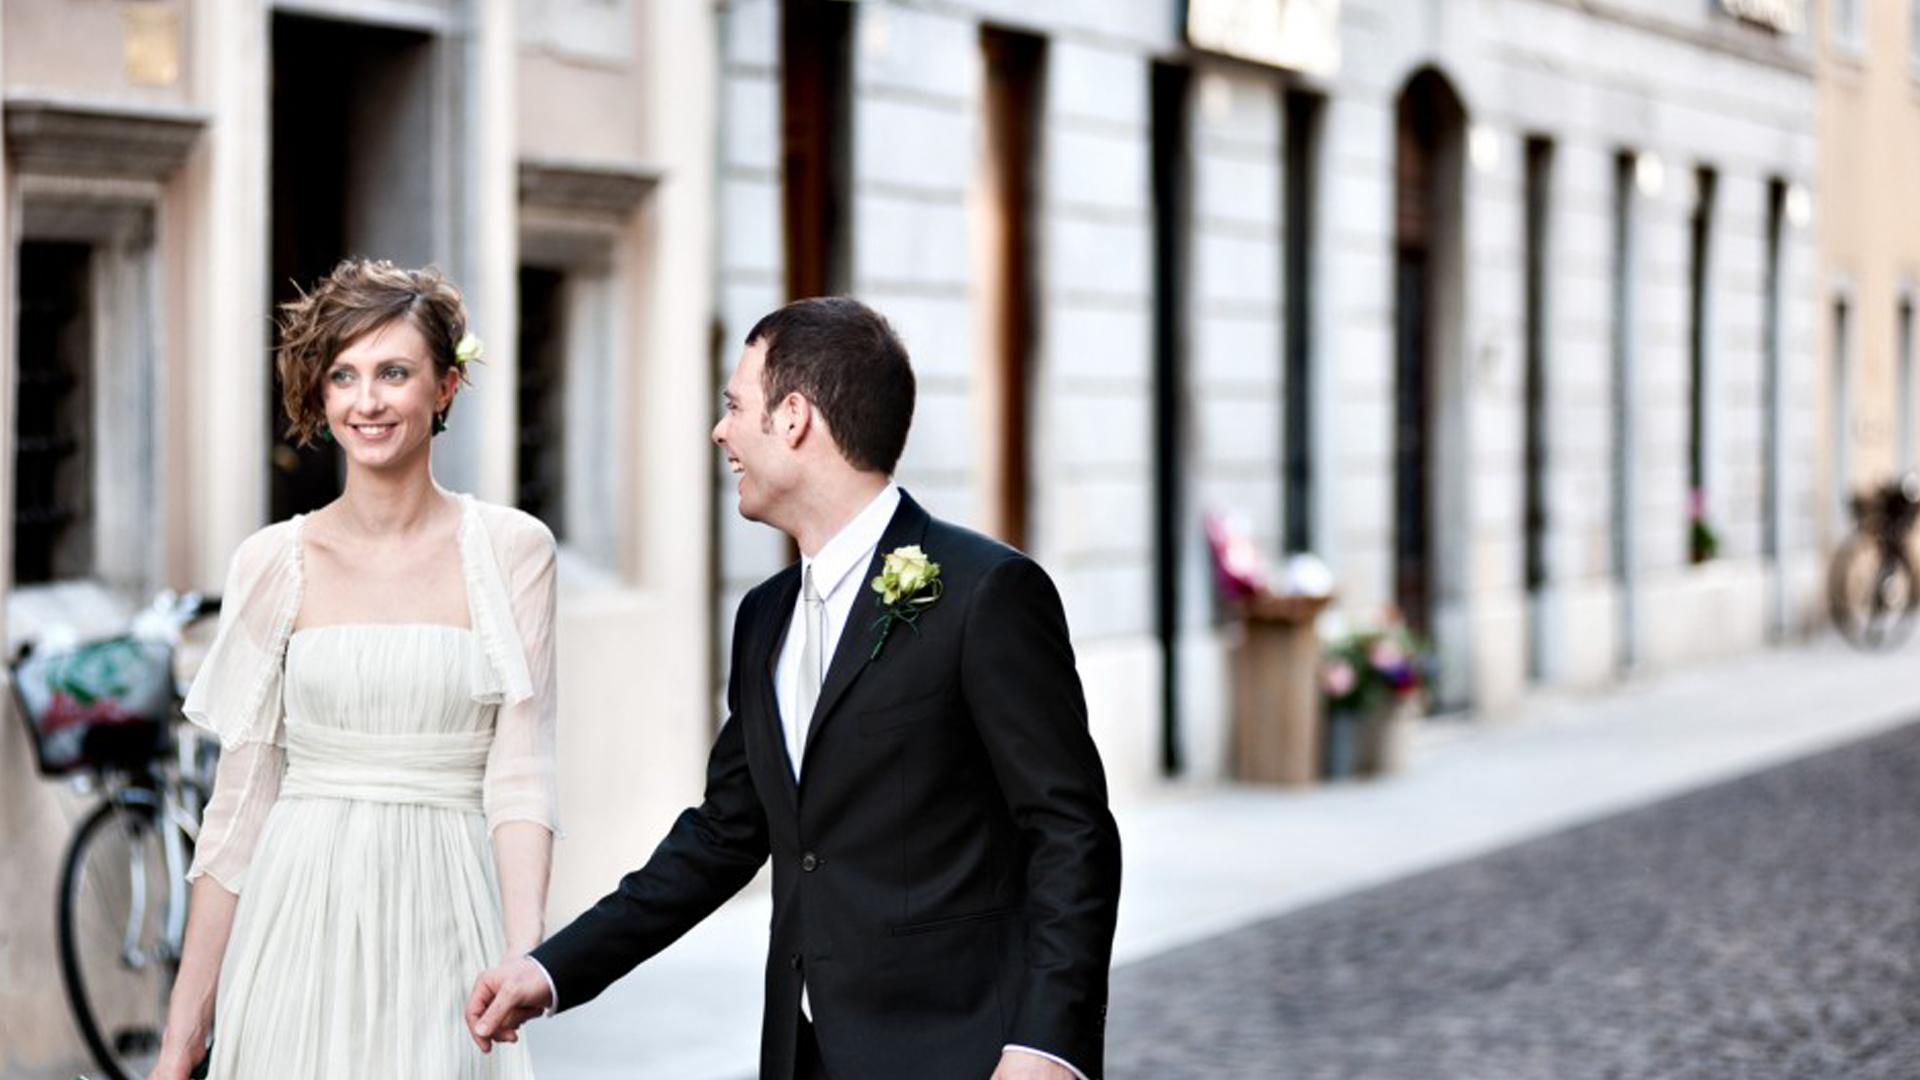 keuntungan menikah muda - rio bermano